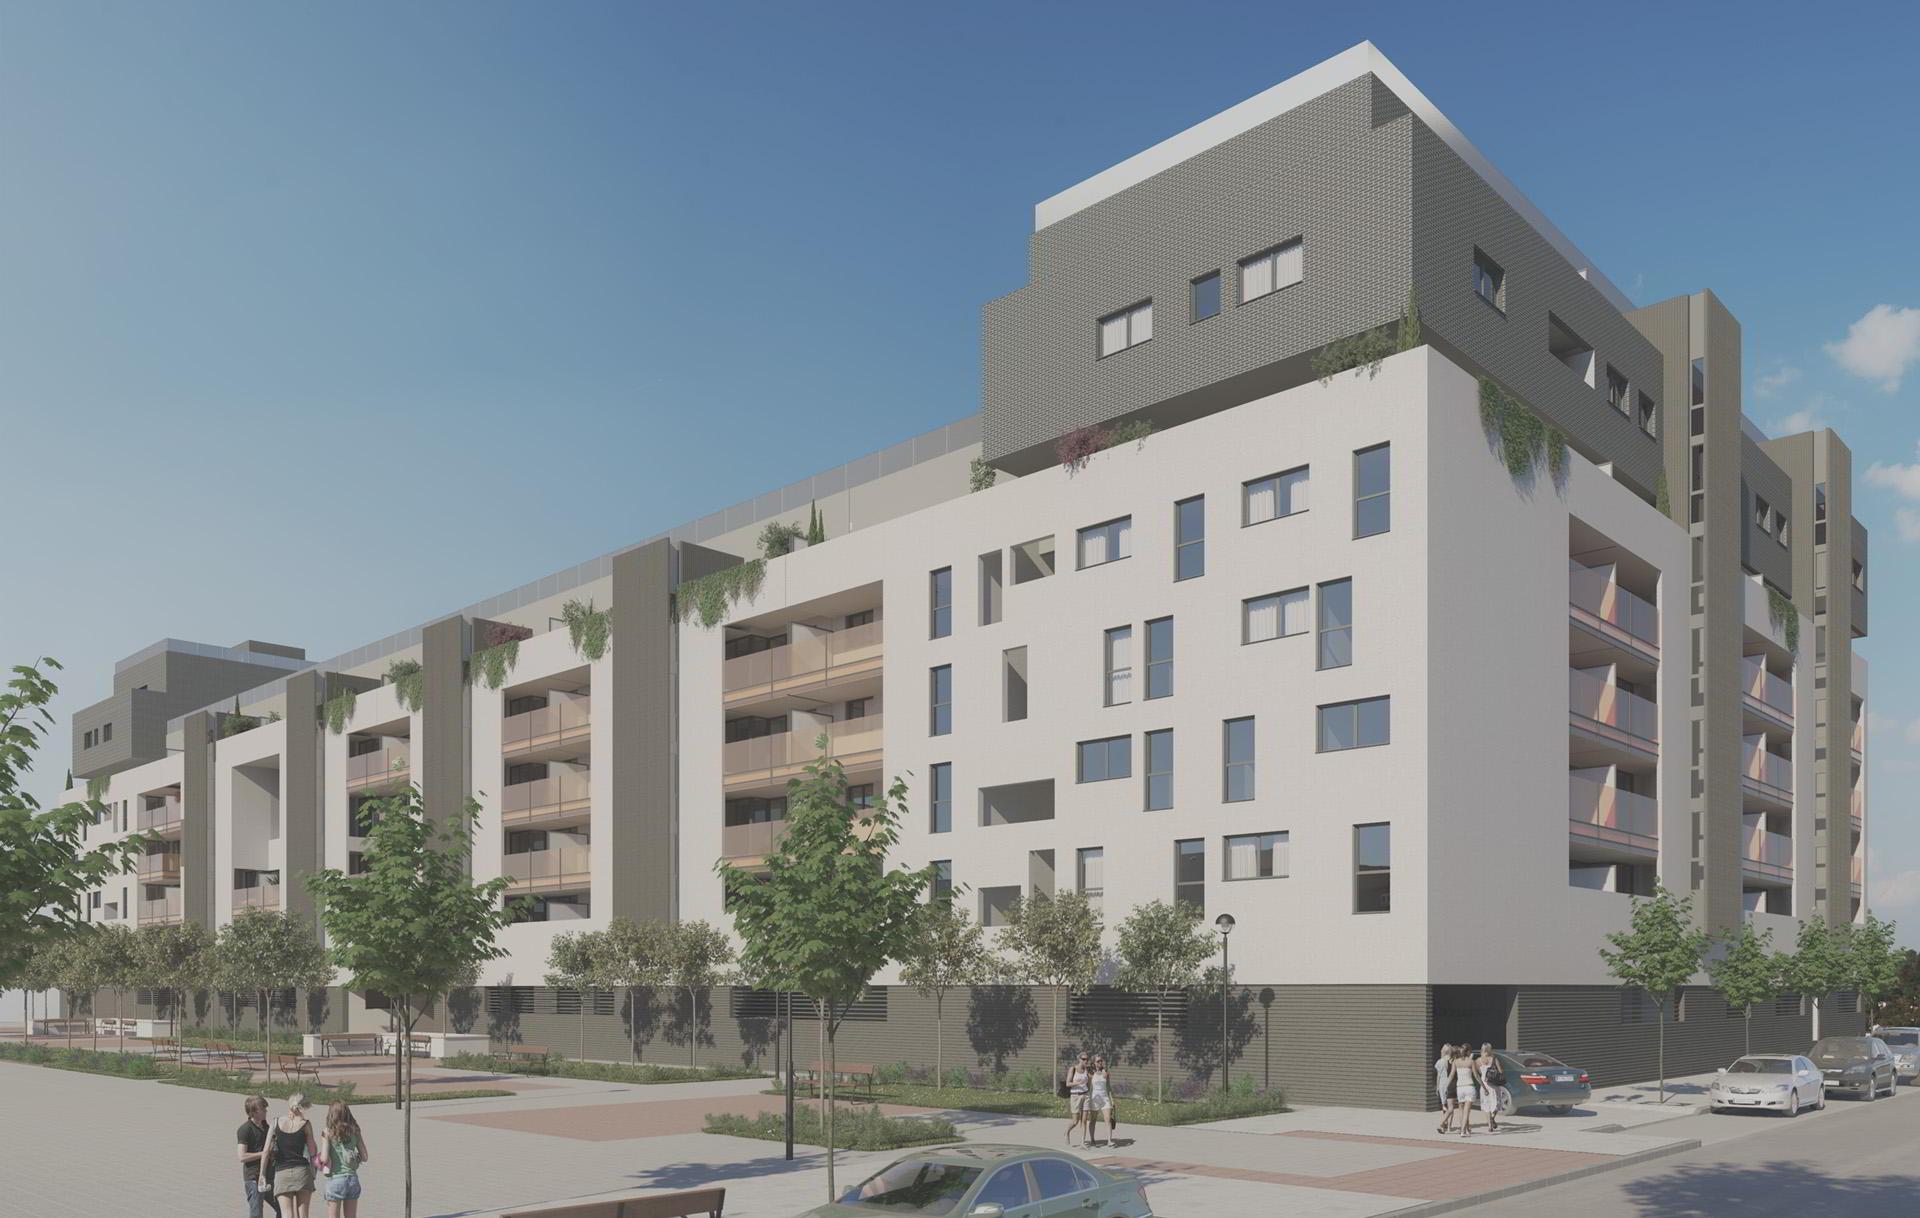 Venta de pisos obra nueva en Alcalá de Henares